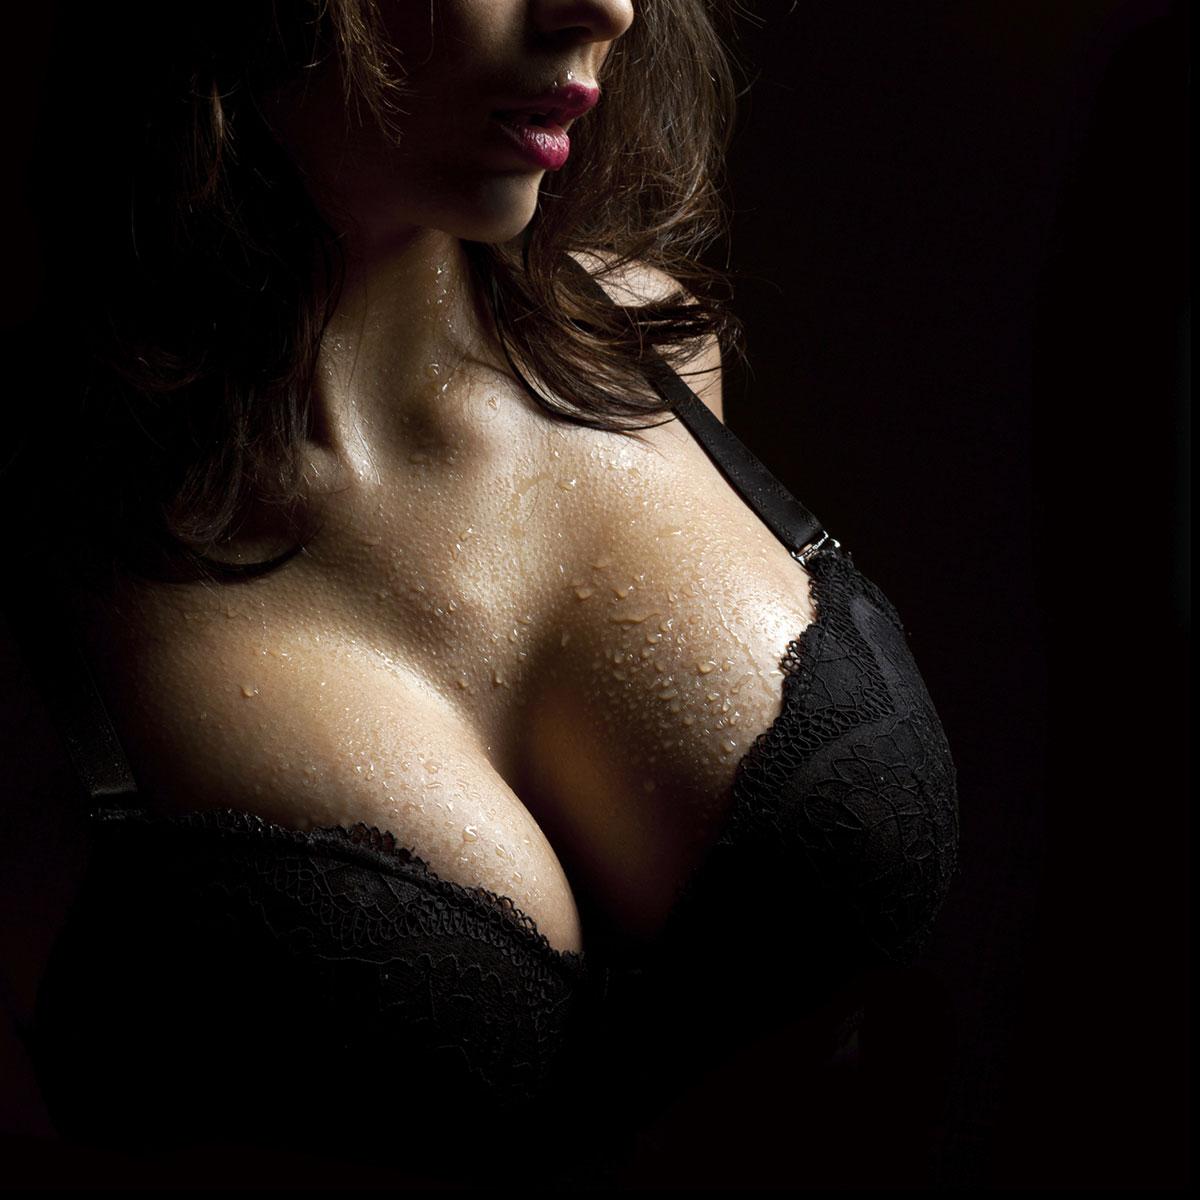 λίπος κορίτσι γυναικείος οργασμός πορνό Χίλτον Παρίσι πορνό